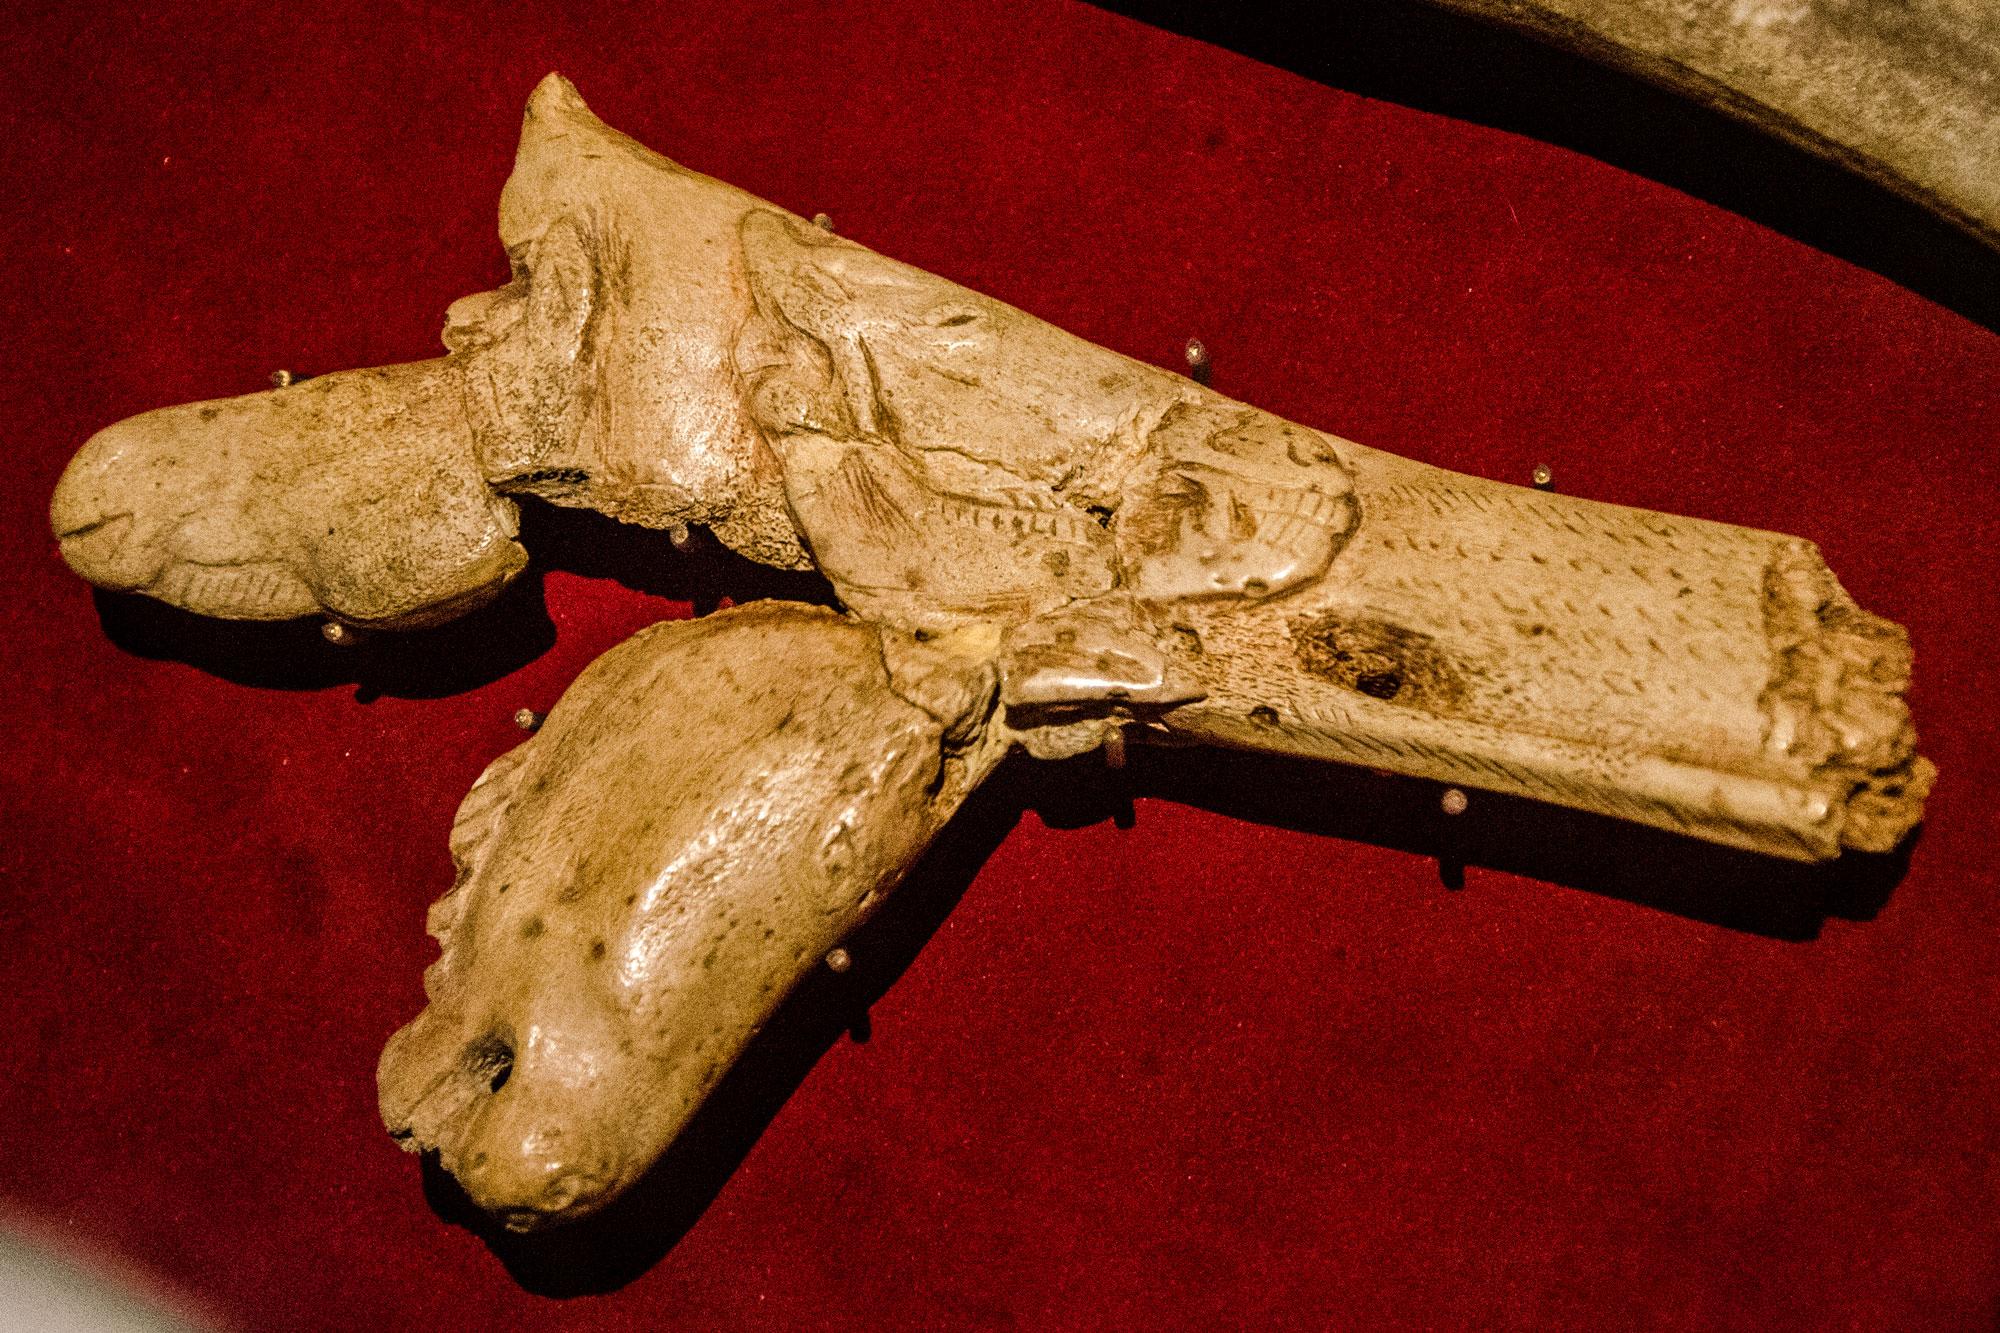 Fragment einer Speerschleuder mit drei eingravierten Pferdeköpfen verschiedenen Alters, ca. 15.000 v. Chr., Salle Piette, Musée d'Archéologie Nationale, Saint-Germain-en-Laye. Foto: Lothar Ruttner